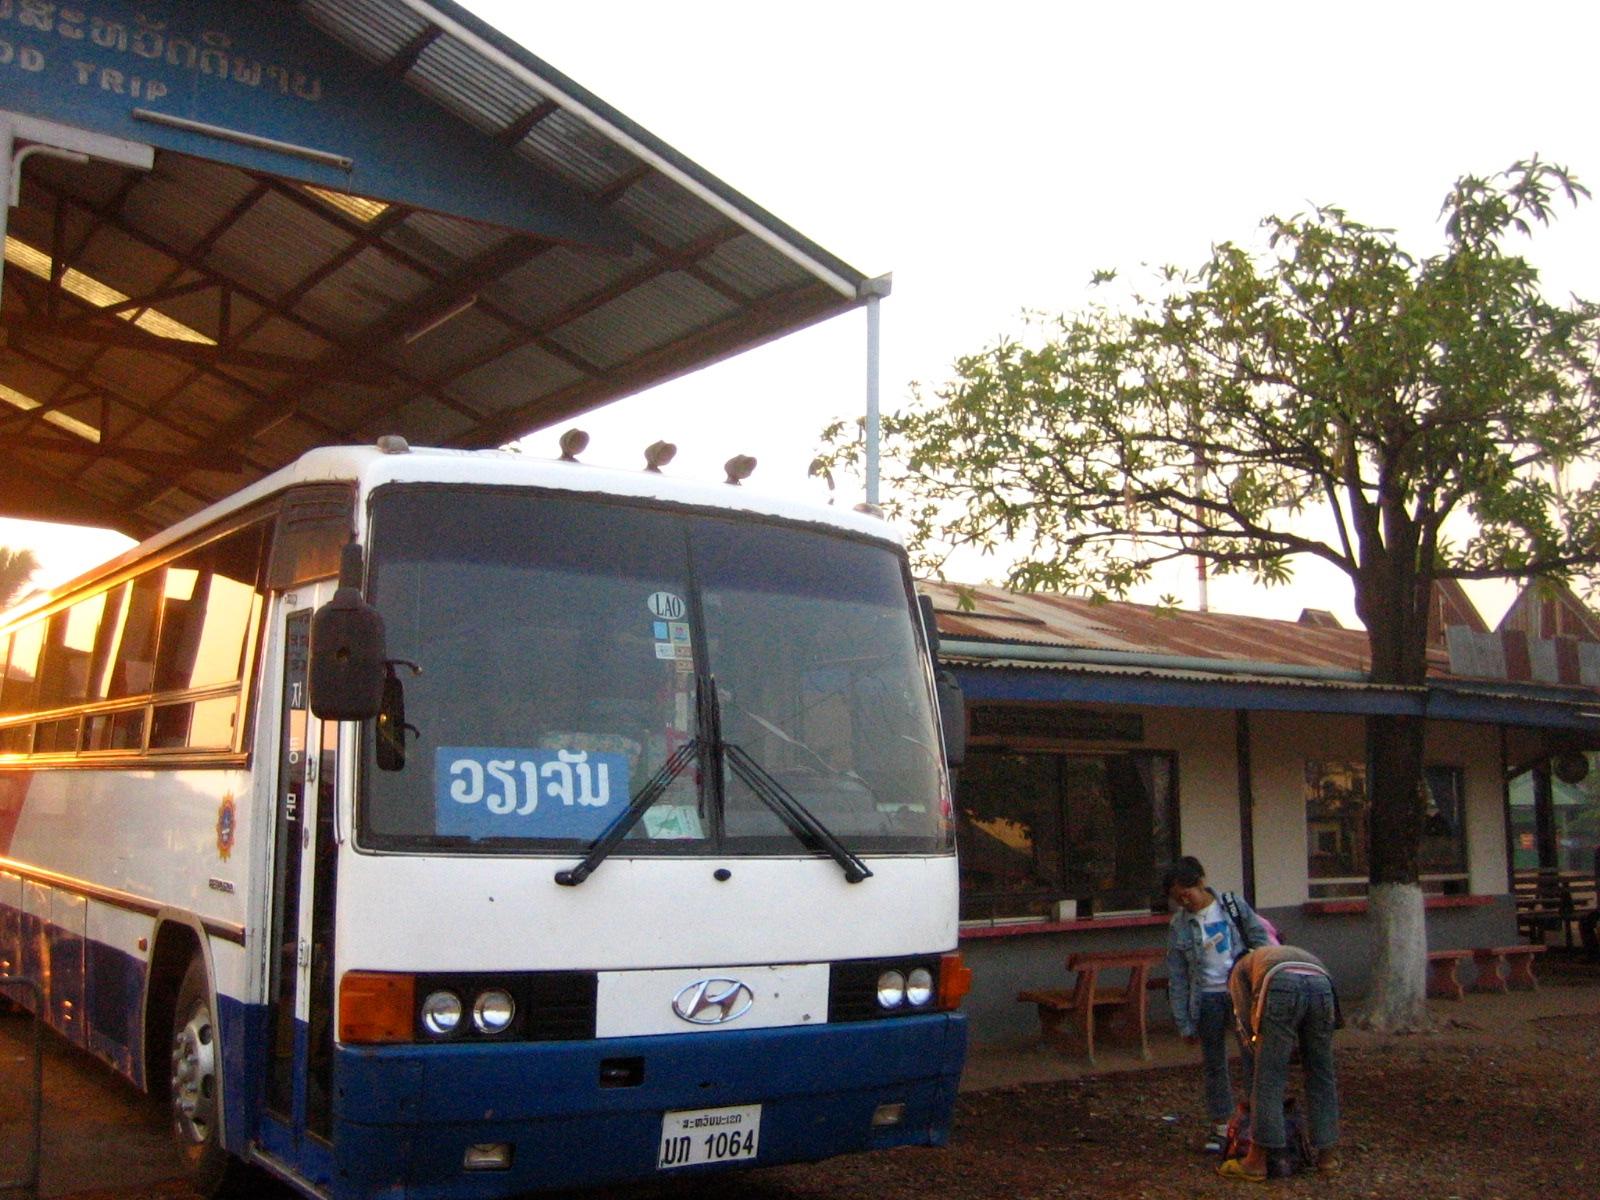 サバナケットからビエンチャンへのバス